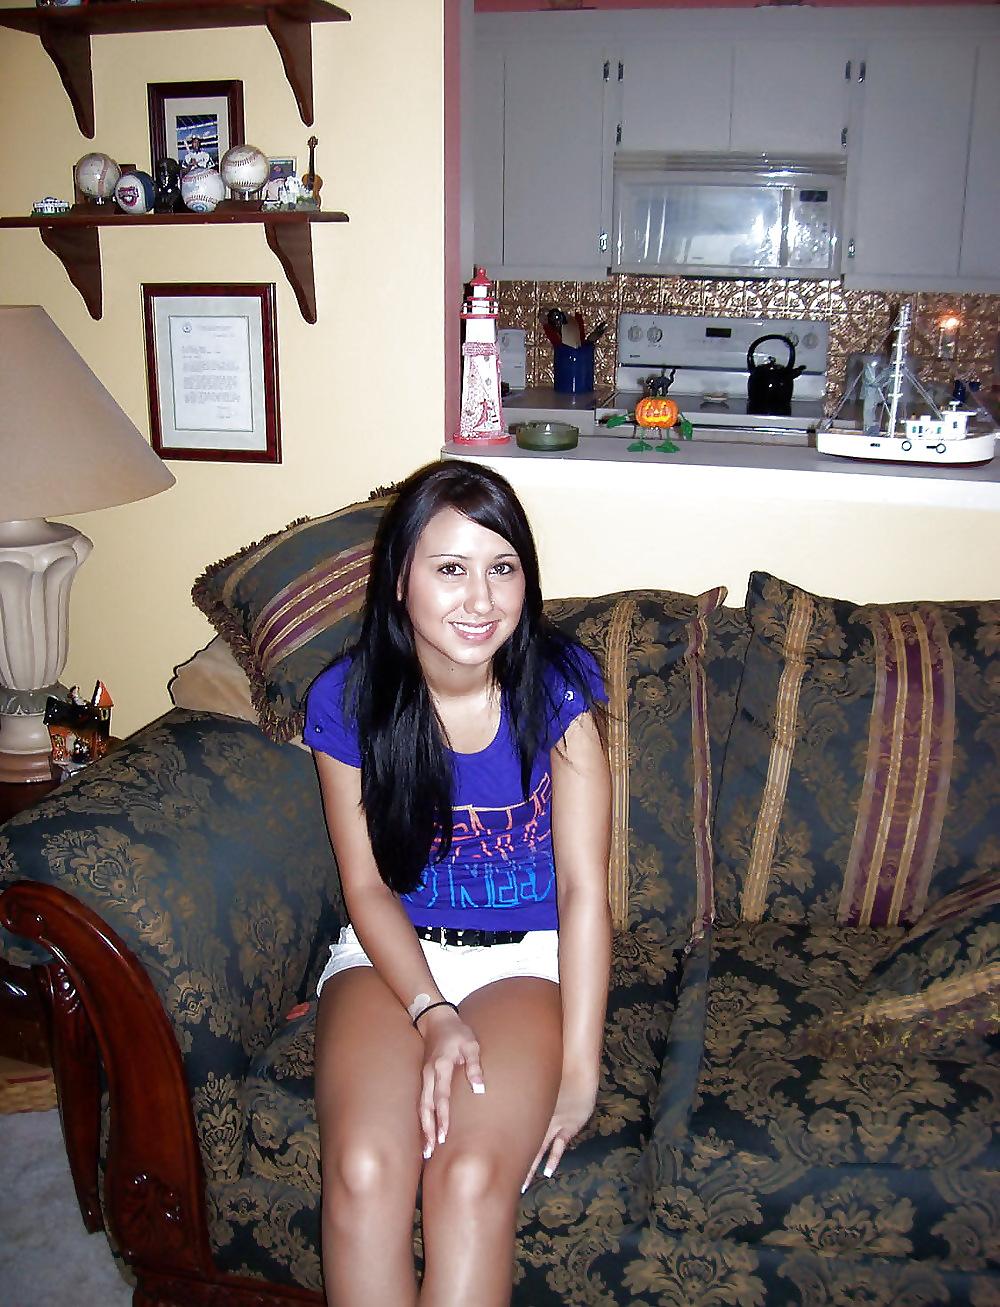 Hot Latina Teen Porn